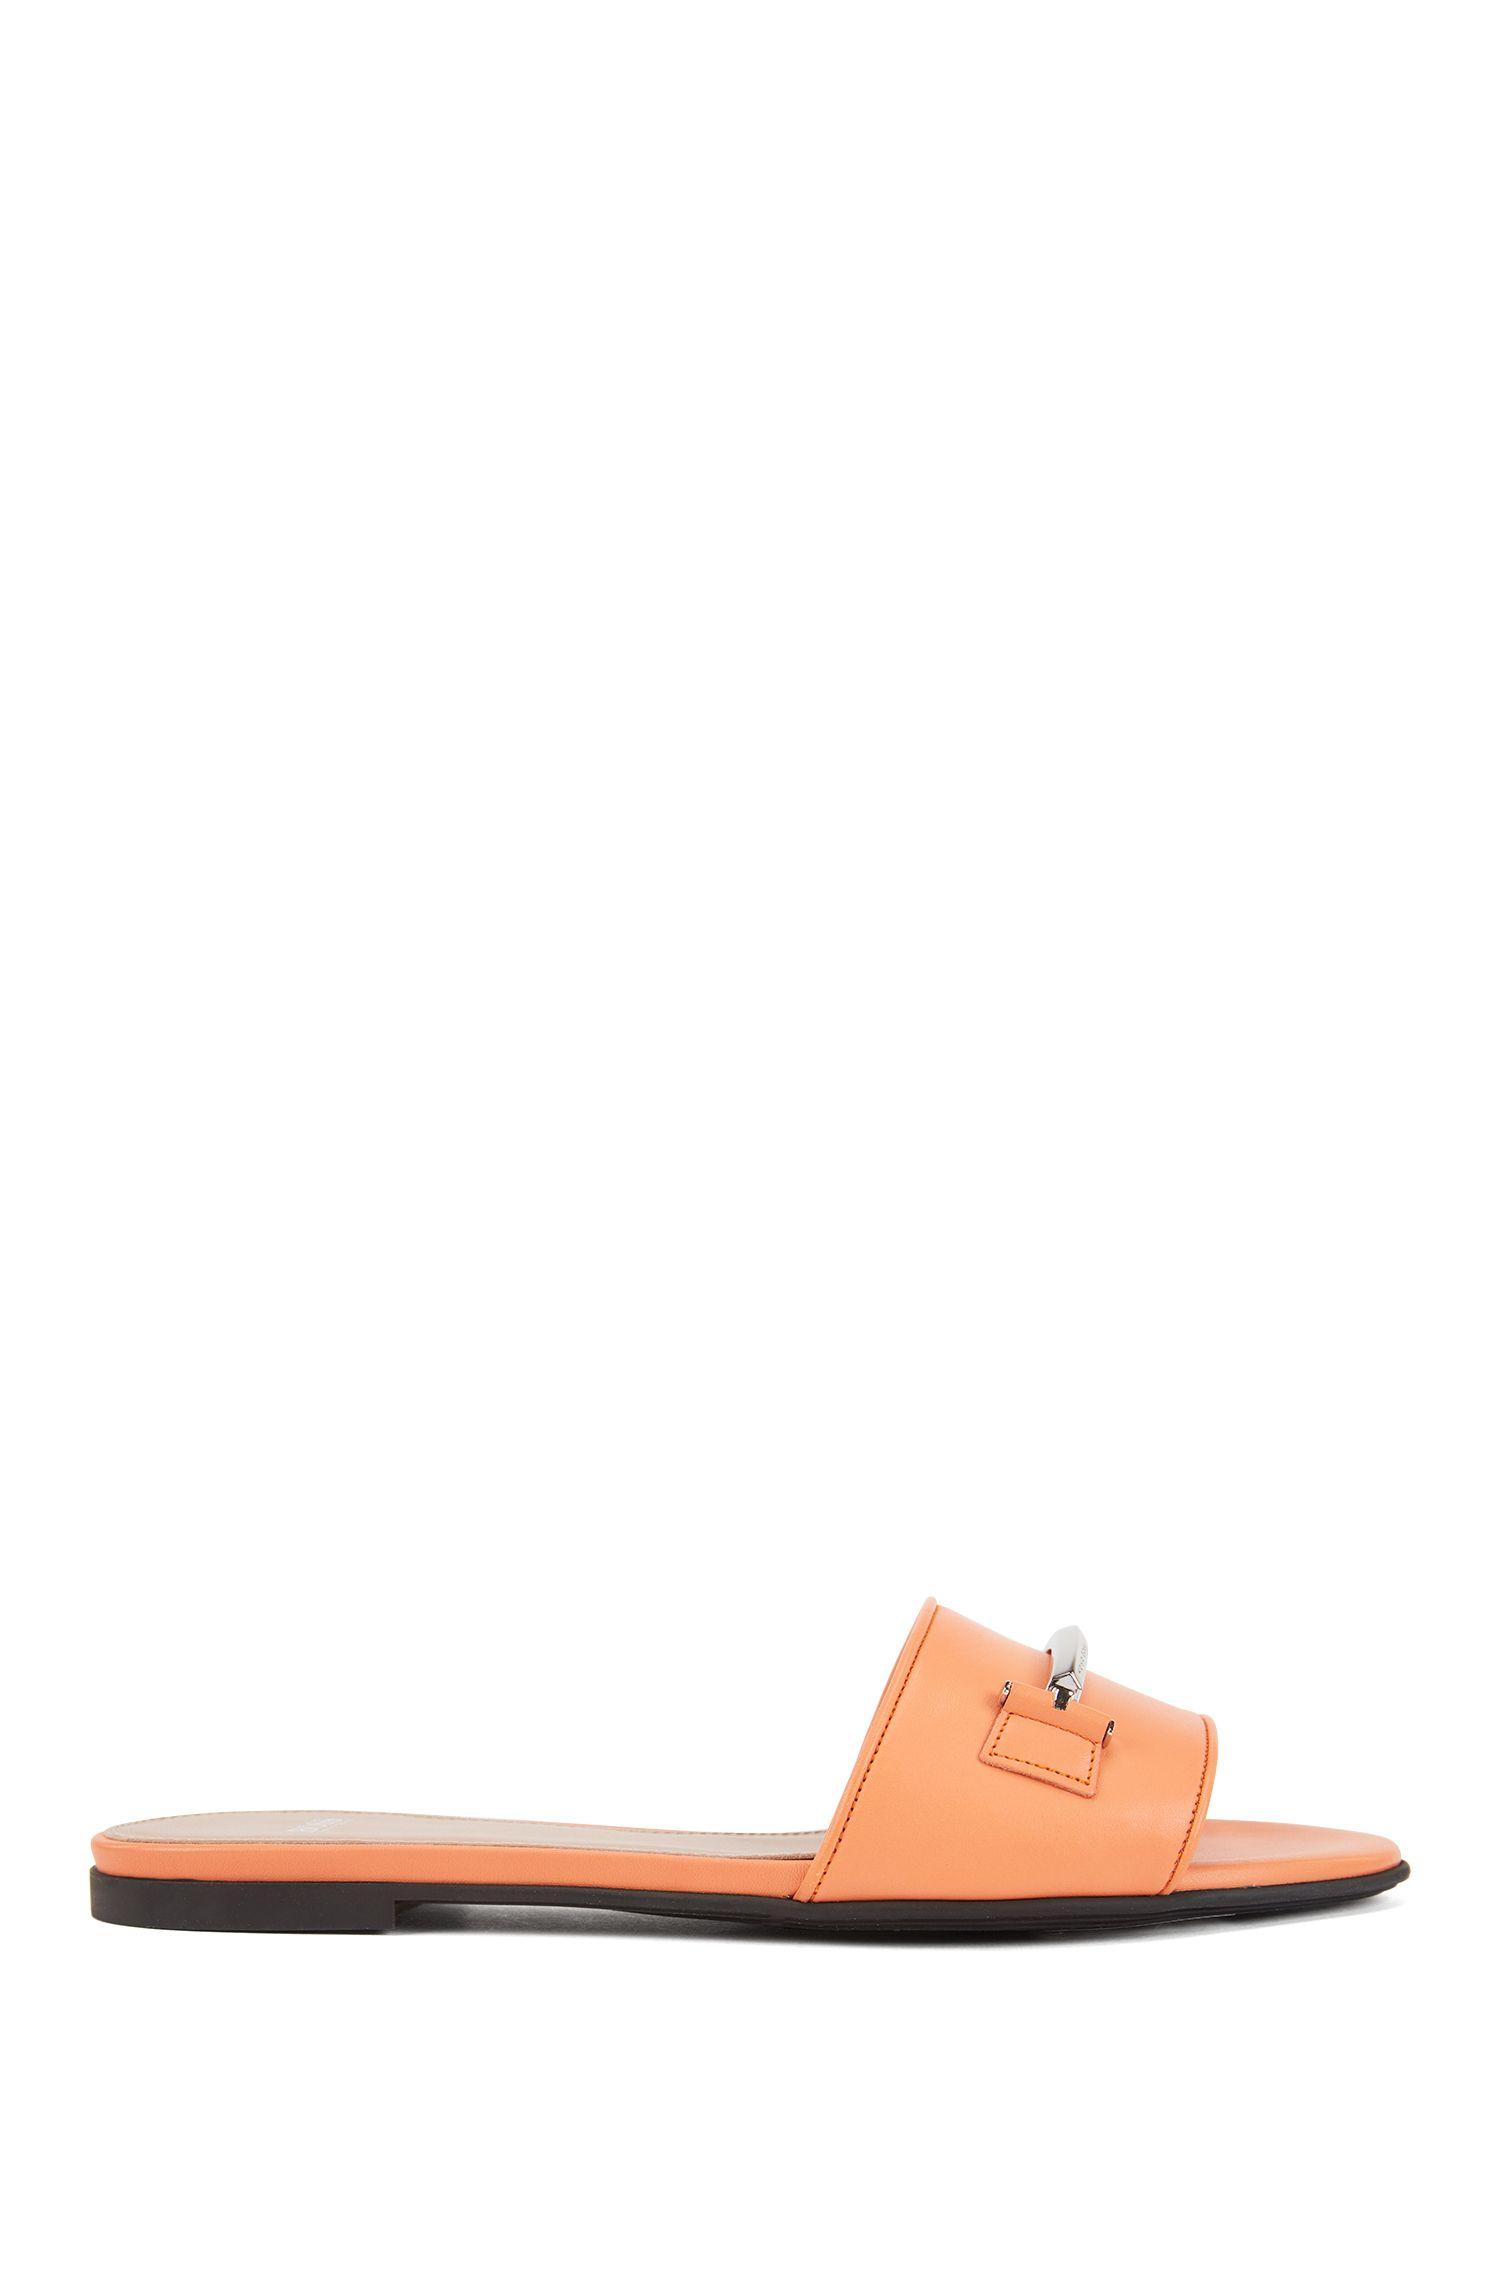 Sandali bassi in pelle realizzata in Italia con dettagli in metallo, Arancione